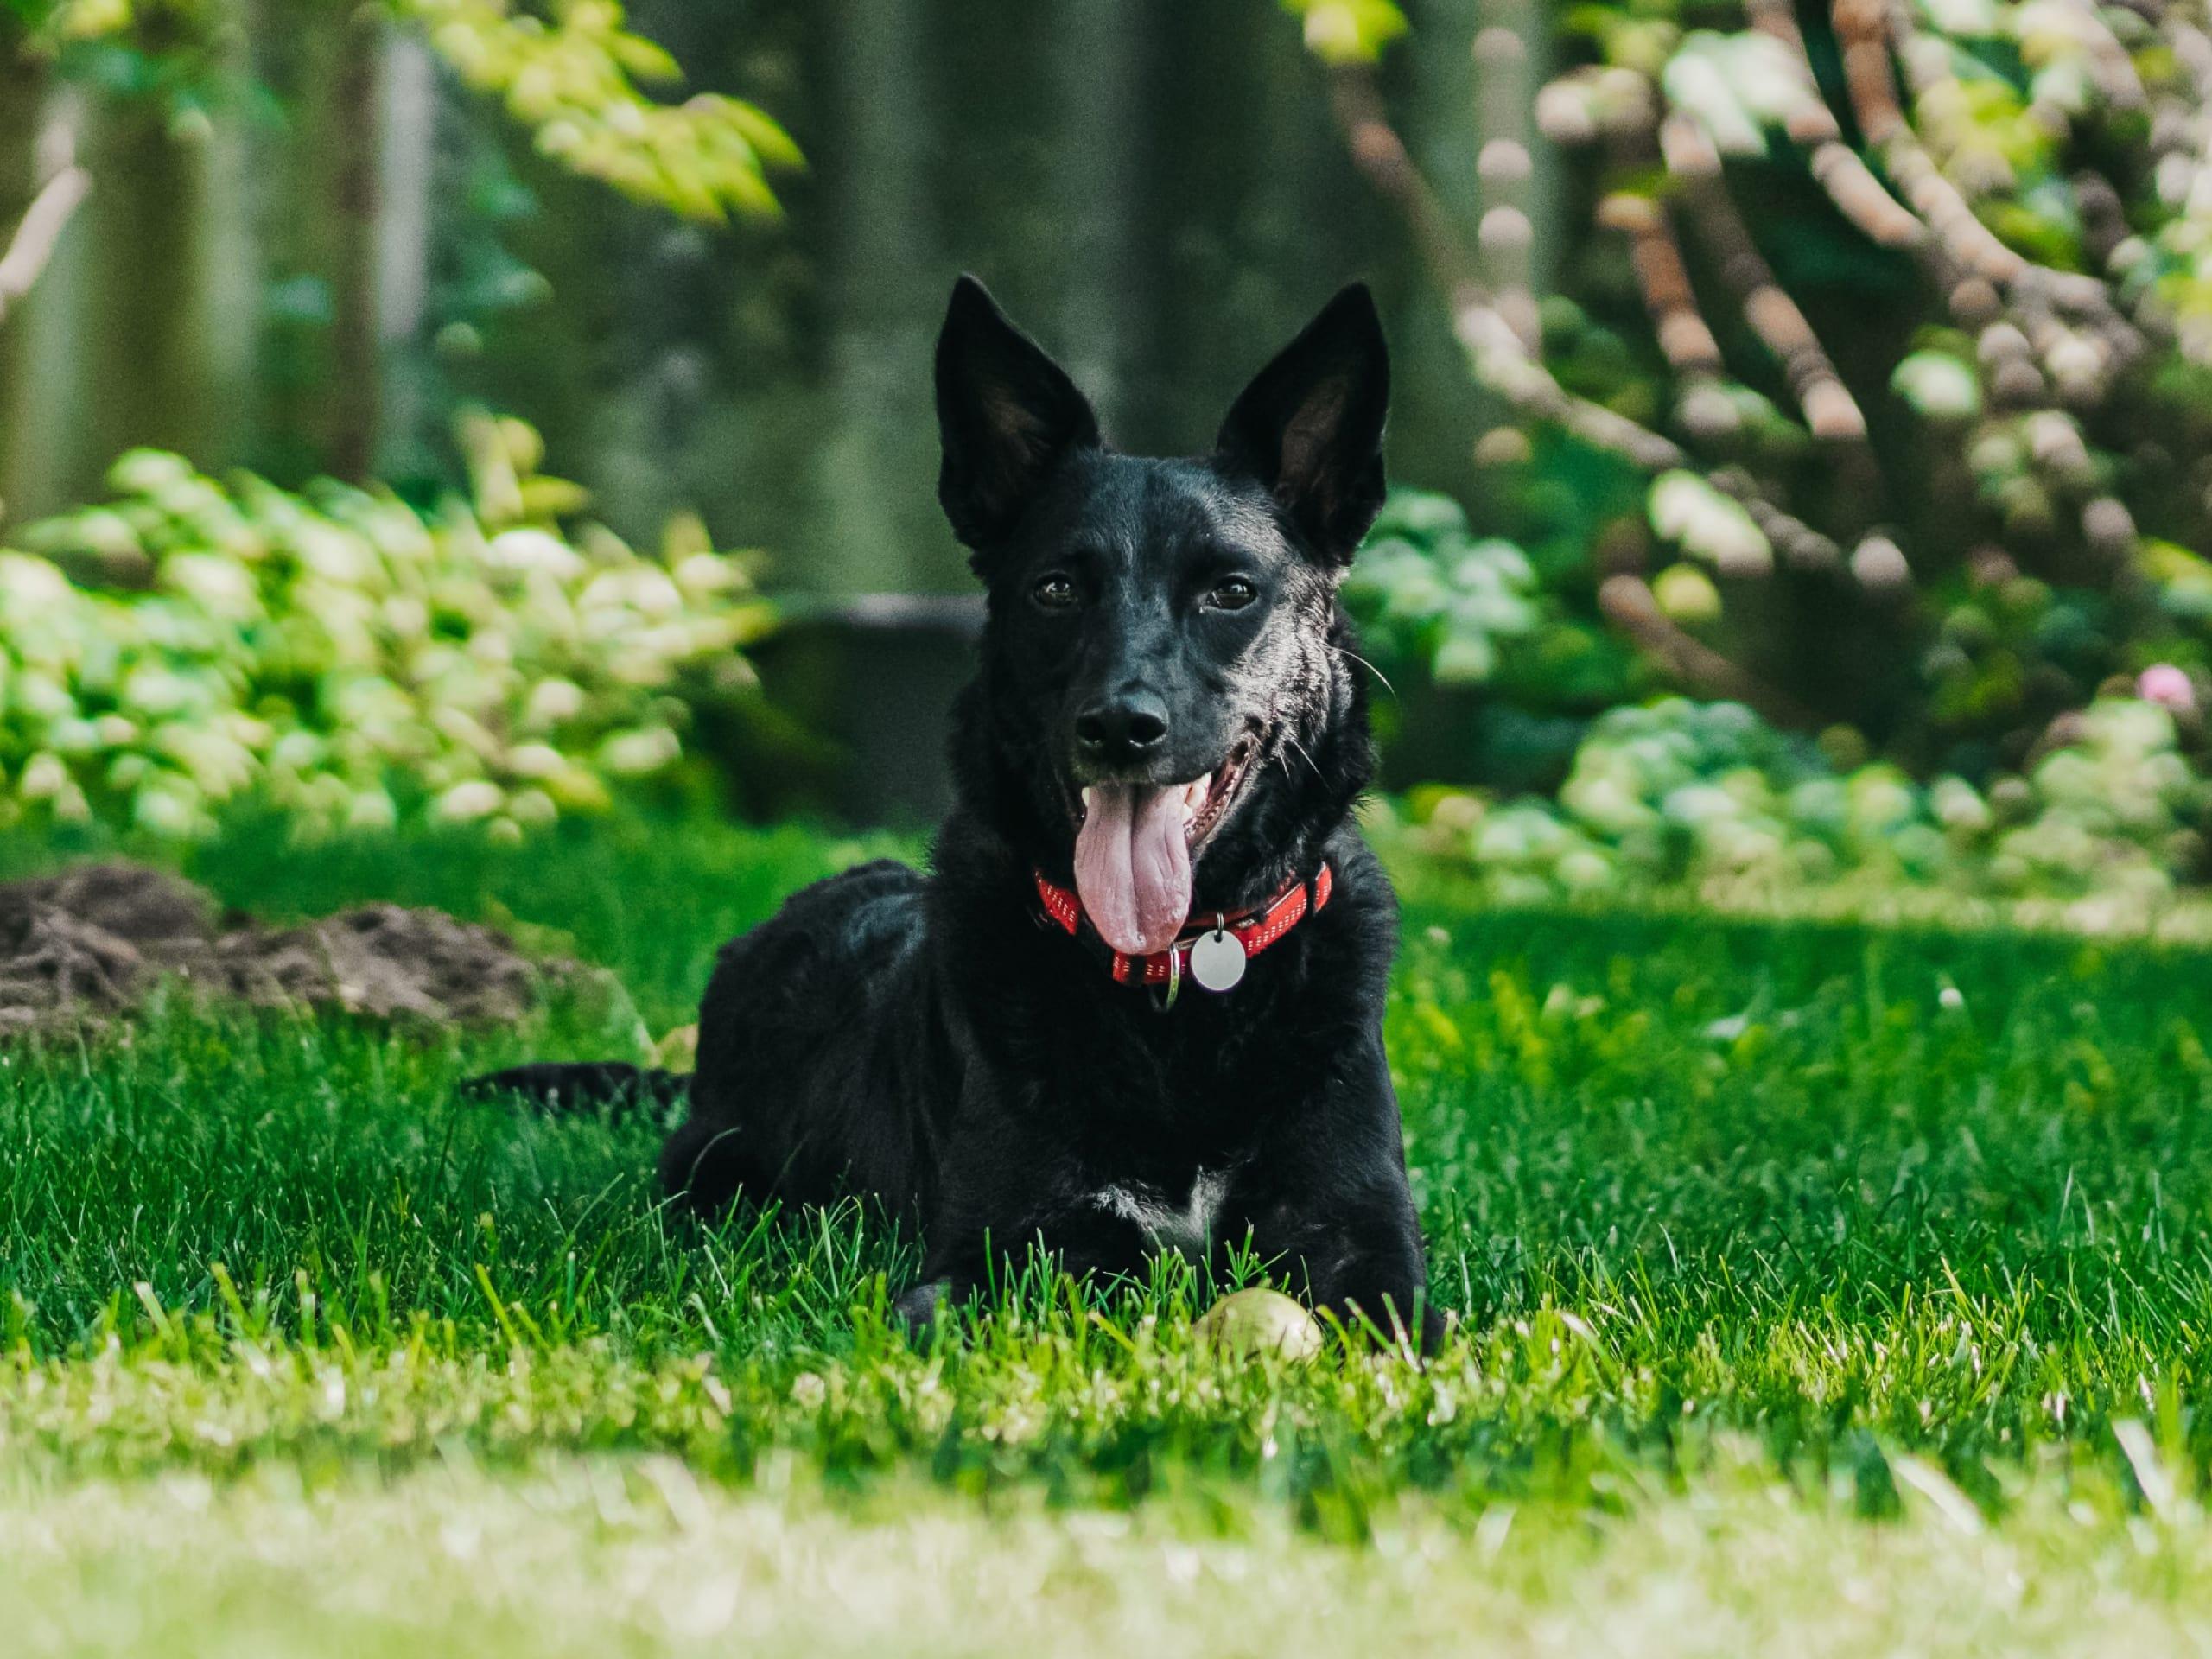 Happy black dog in grassy field